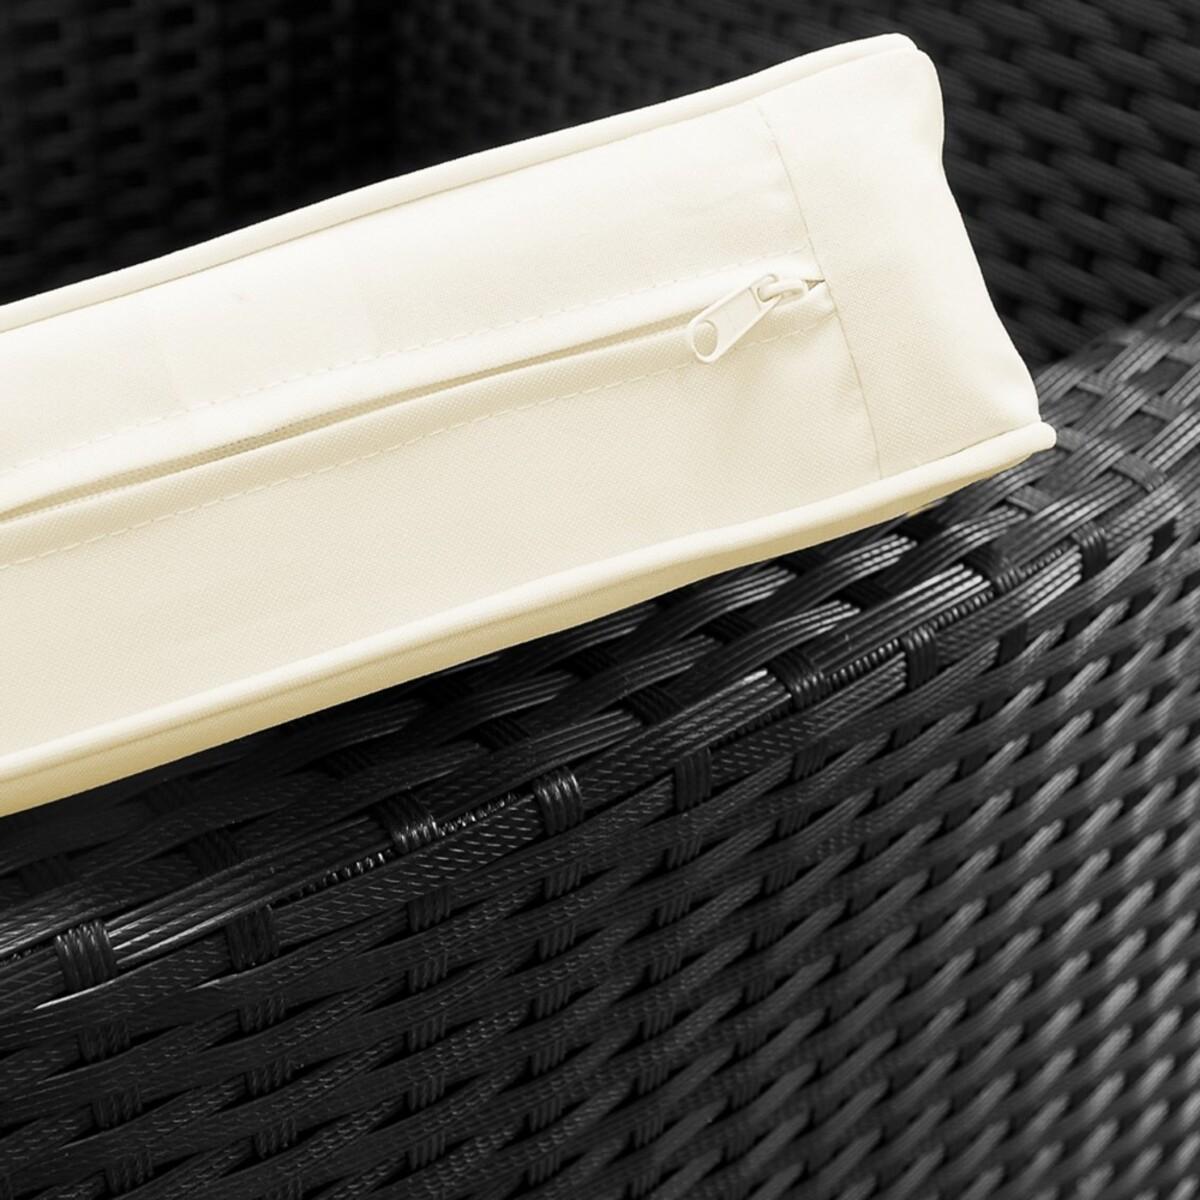 Bild 5 von Casaria Polyrattangarnitur 8+1 mit Sitzauflage schwarz-creme